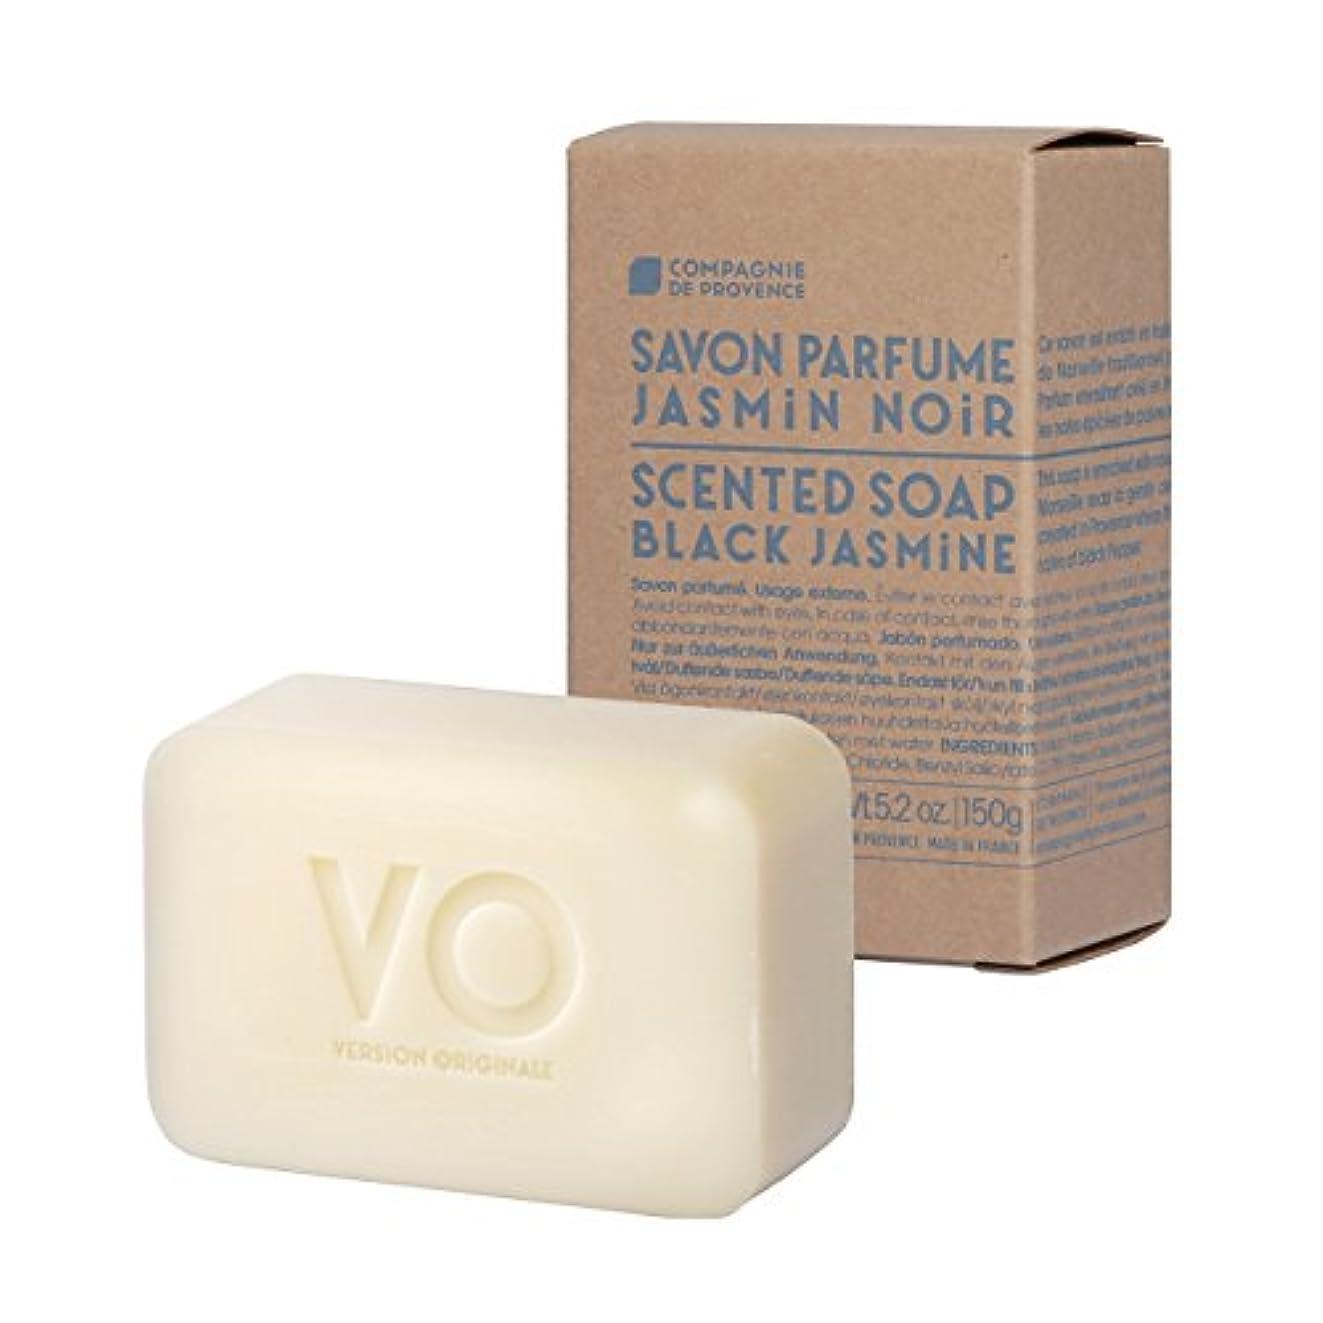 言う医師ペルソナカンパニードプロバンス バージョンオリジナル センティッドソープ ブラックジャスミン(すっきりとした中にも甘さがある香り) 150g